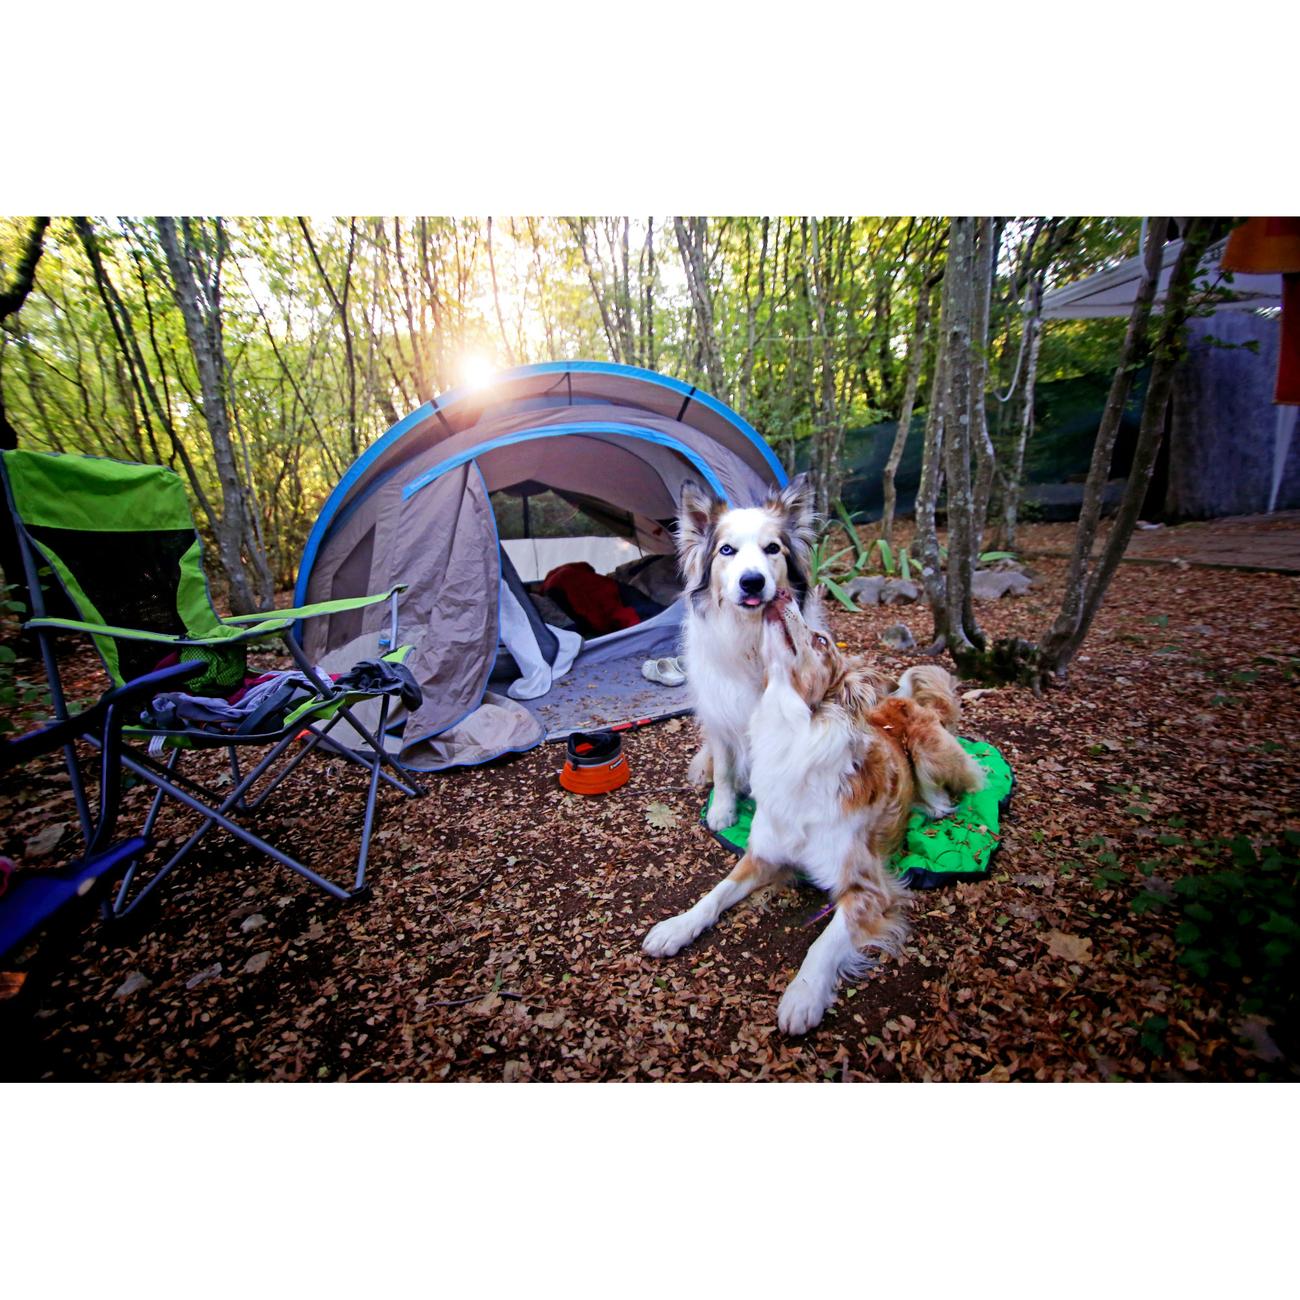 Ruffwear Hundebett Highlands Bed für Outdoor, Bild 8